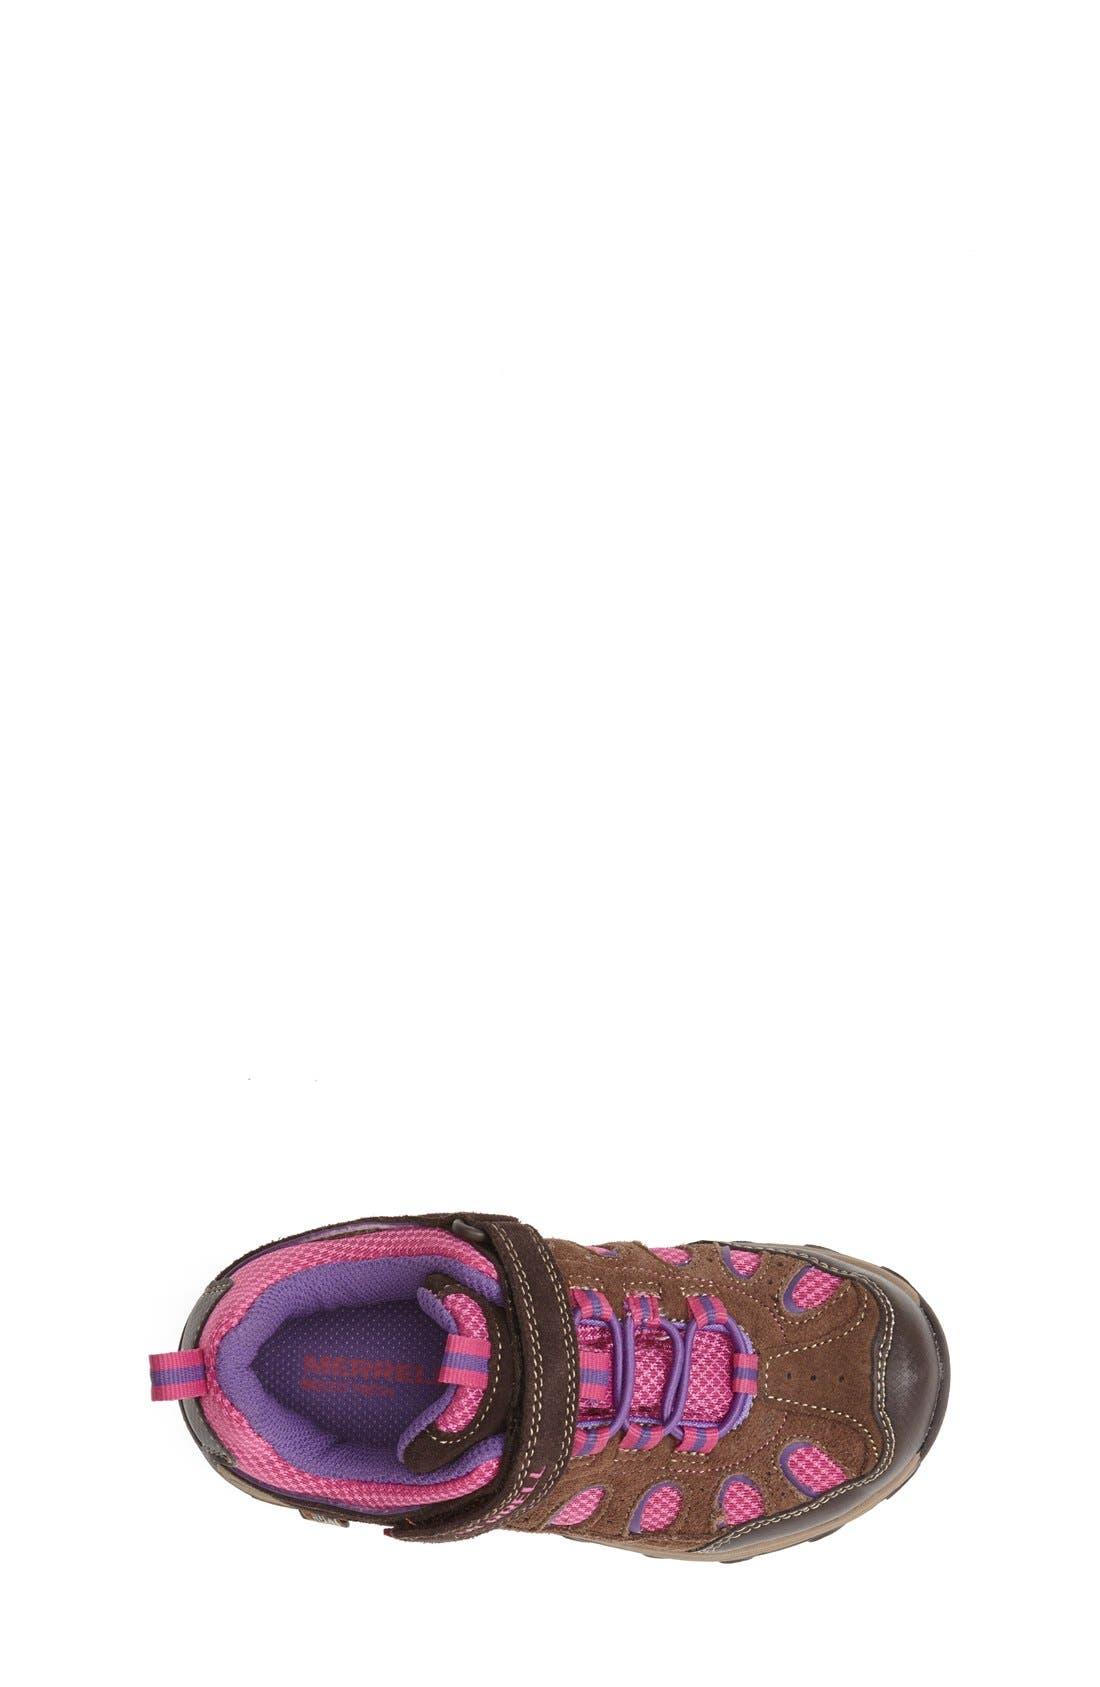 Alternate Image 3  - Merrell 'Chameleon' Waterproof Sneaker(Toddler, Little Kid & Big Kid)